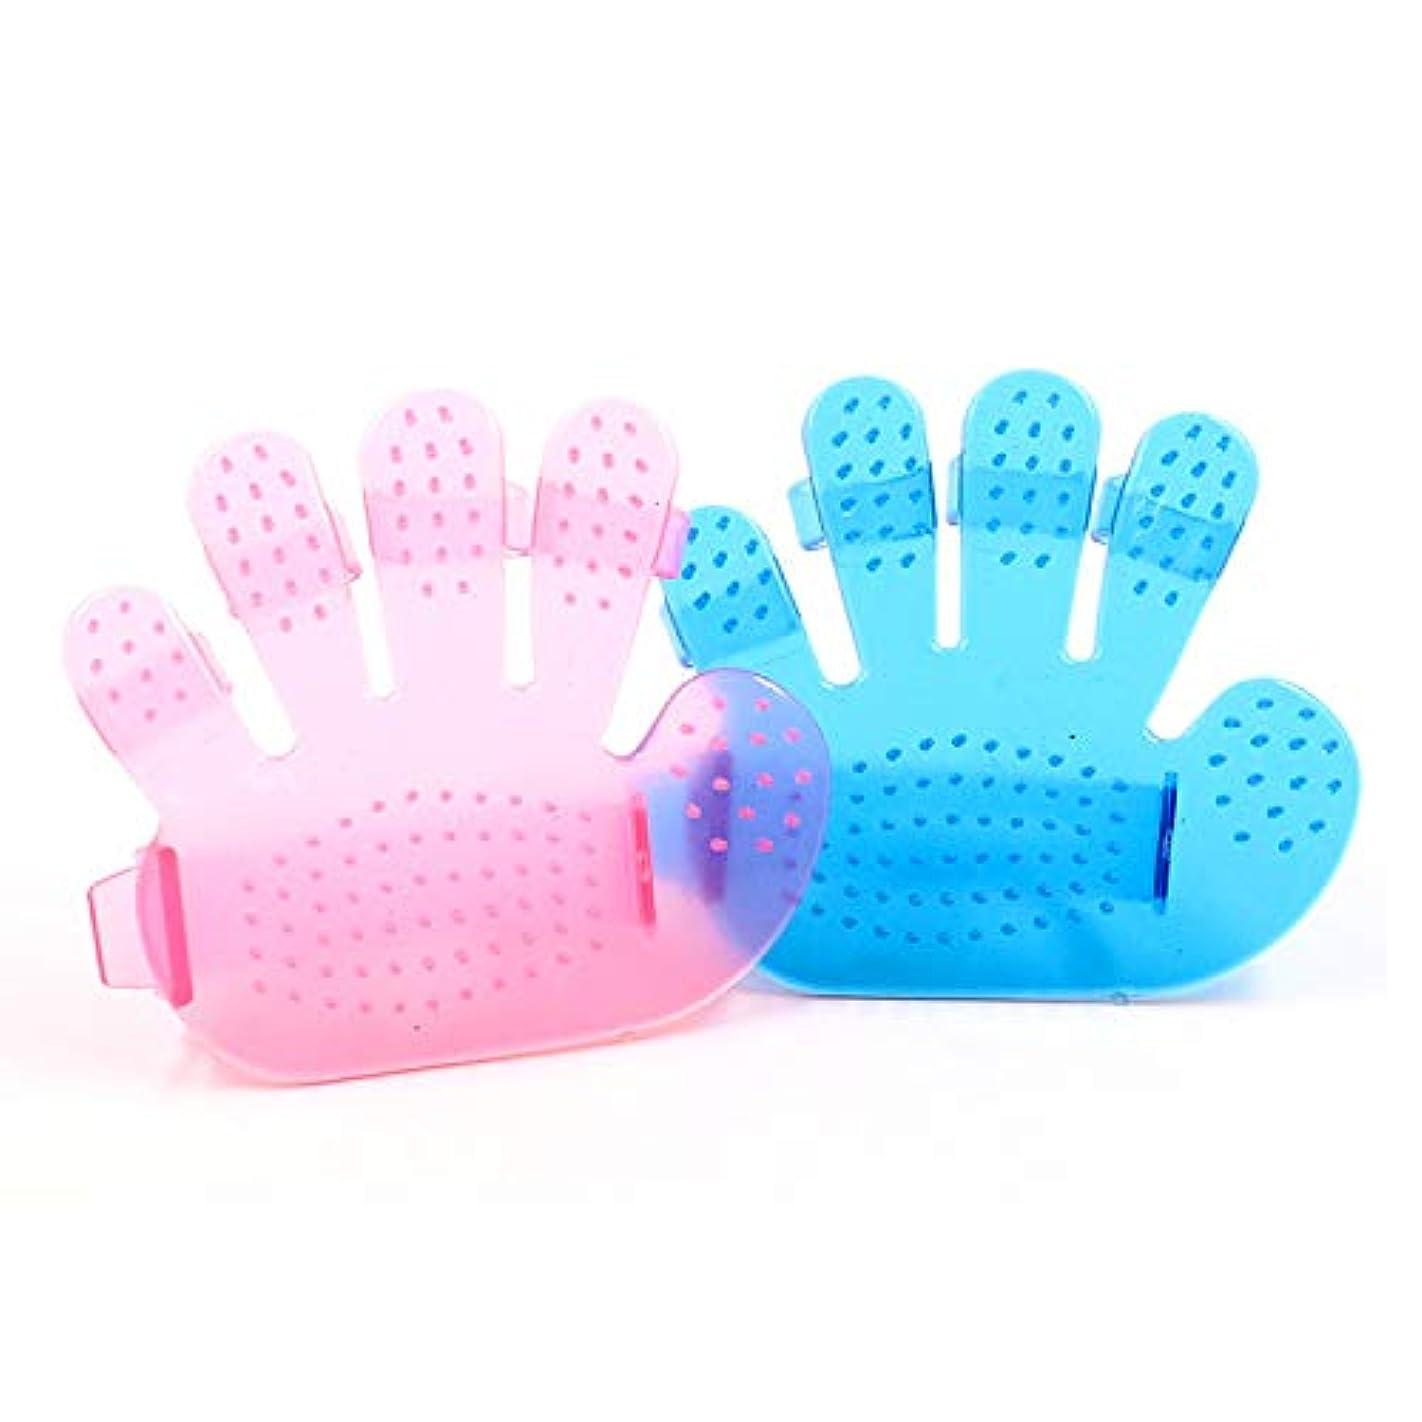 終了する冷淡な音声学BTXXYJP ペット ブラシ 手袋 猫 ブラシ グローブ クリーナー 耐摩耗 抜け毛取り マッサージブラシ 犬 グローブ 10個 (Color : Pink, Size : M-Ten)